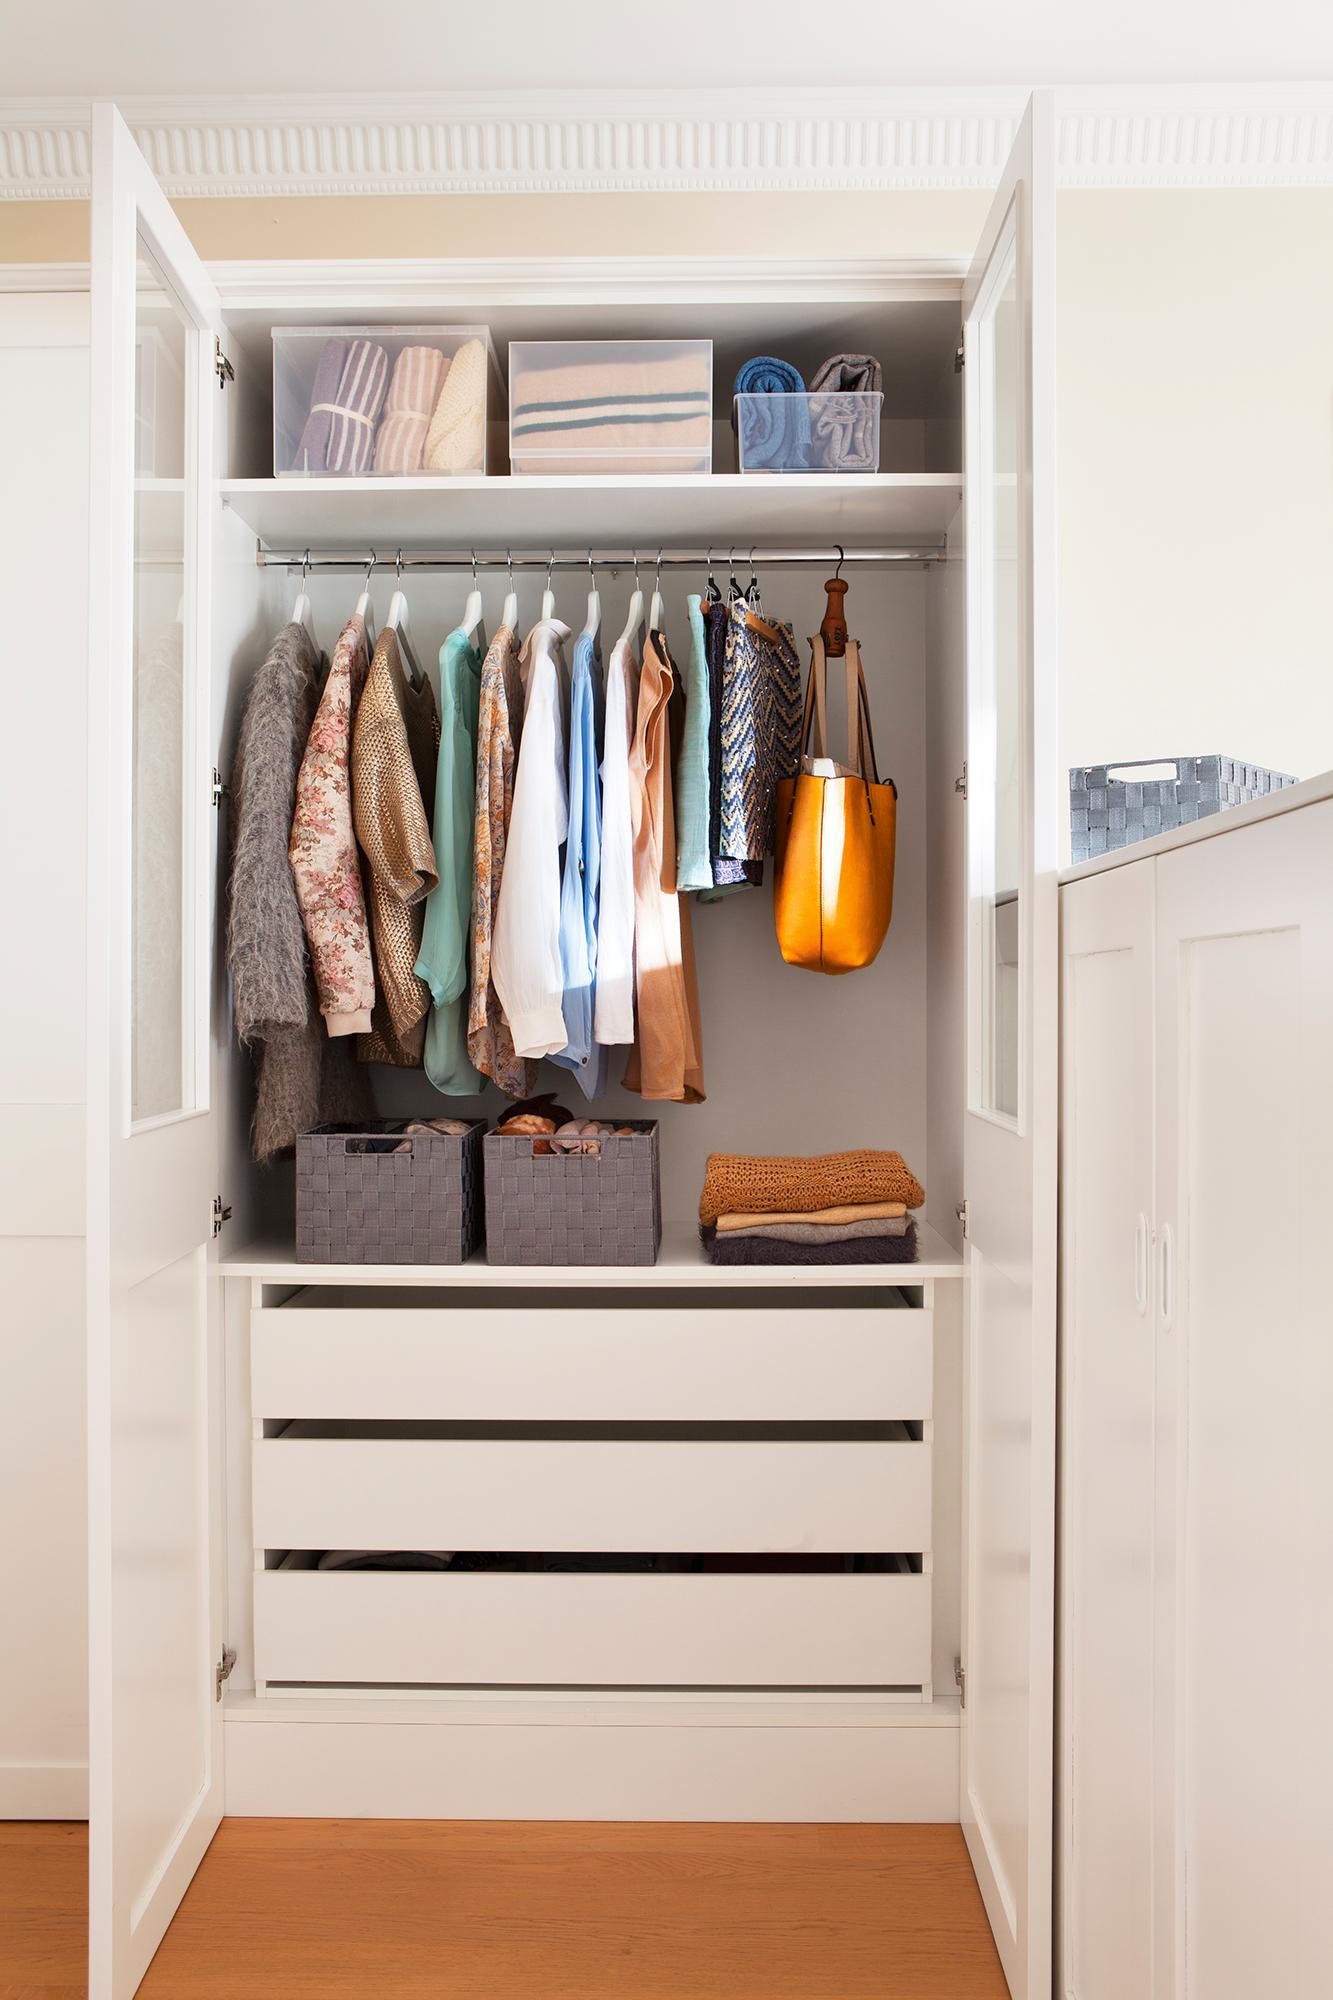 Armario abierto con ropa ordenada